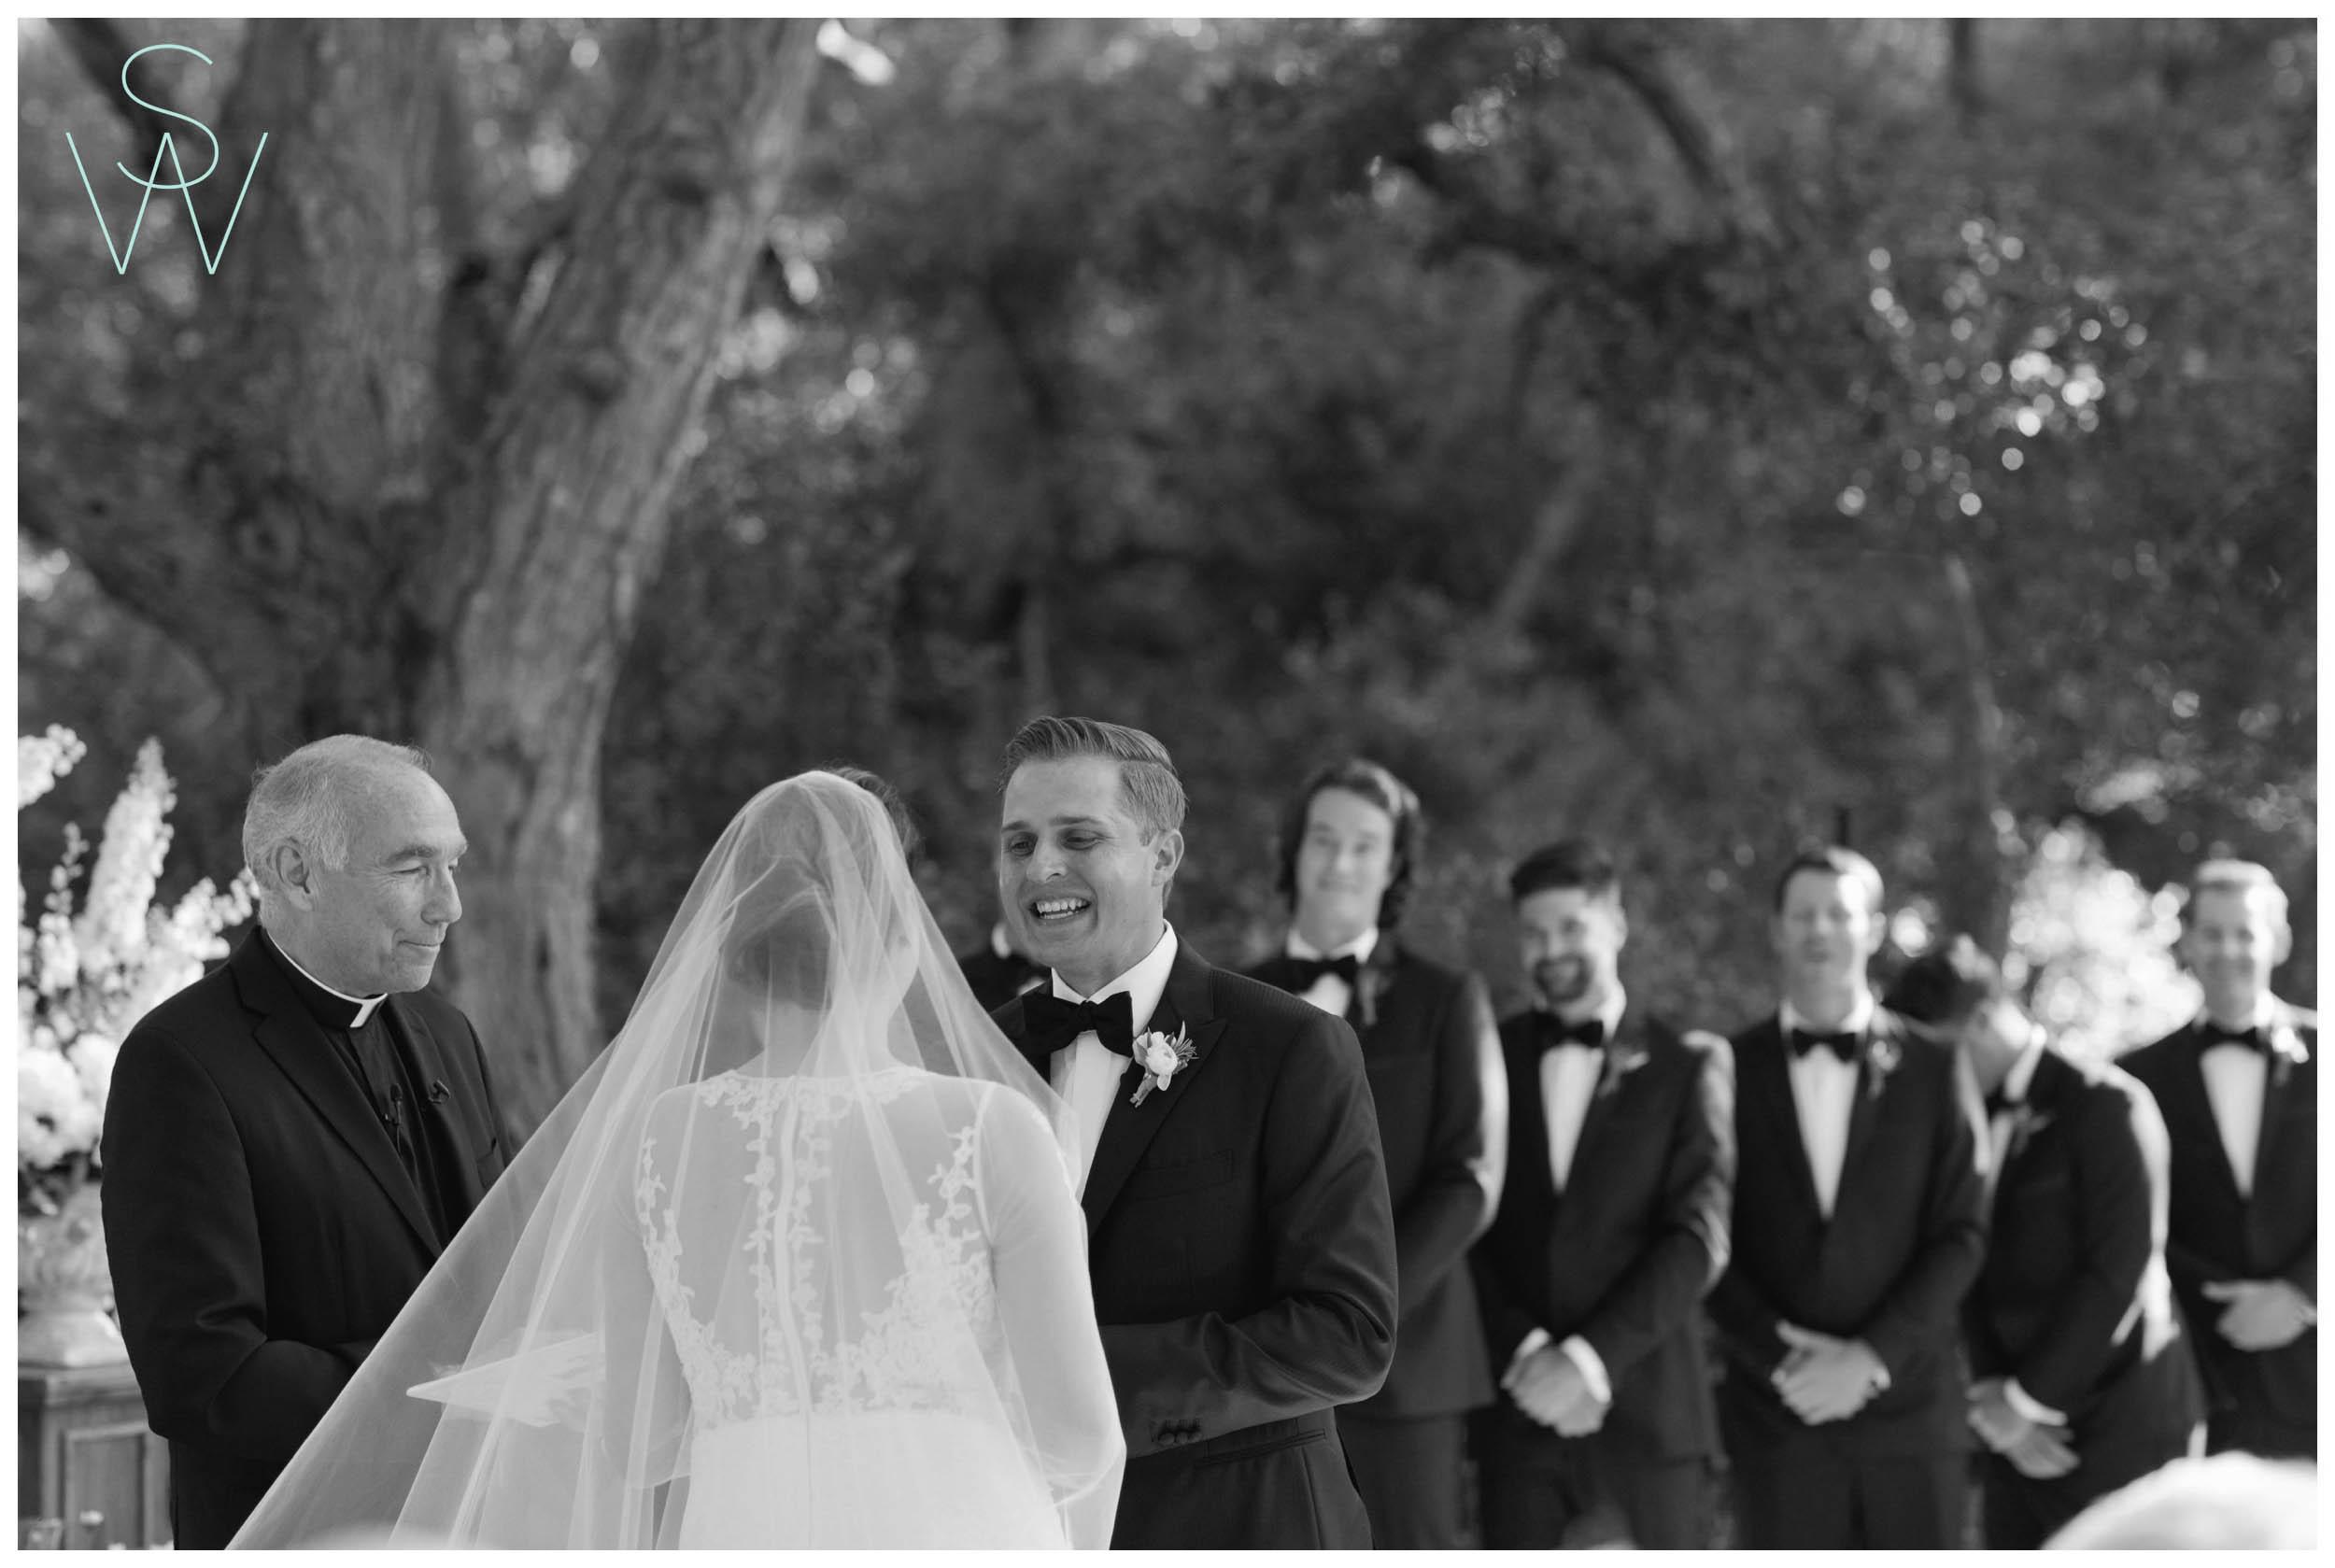 Shewanders.san_.diego_.wedding.photography.private.estate.tara_.jason-3841.jpg.diego_.wedding.photography.private.estate.tara_.jason-384.jpg